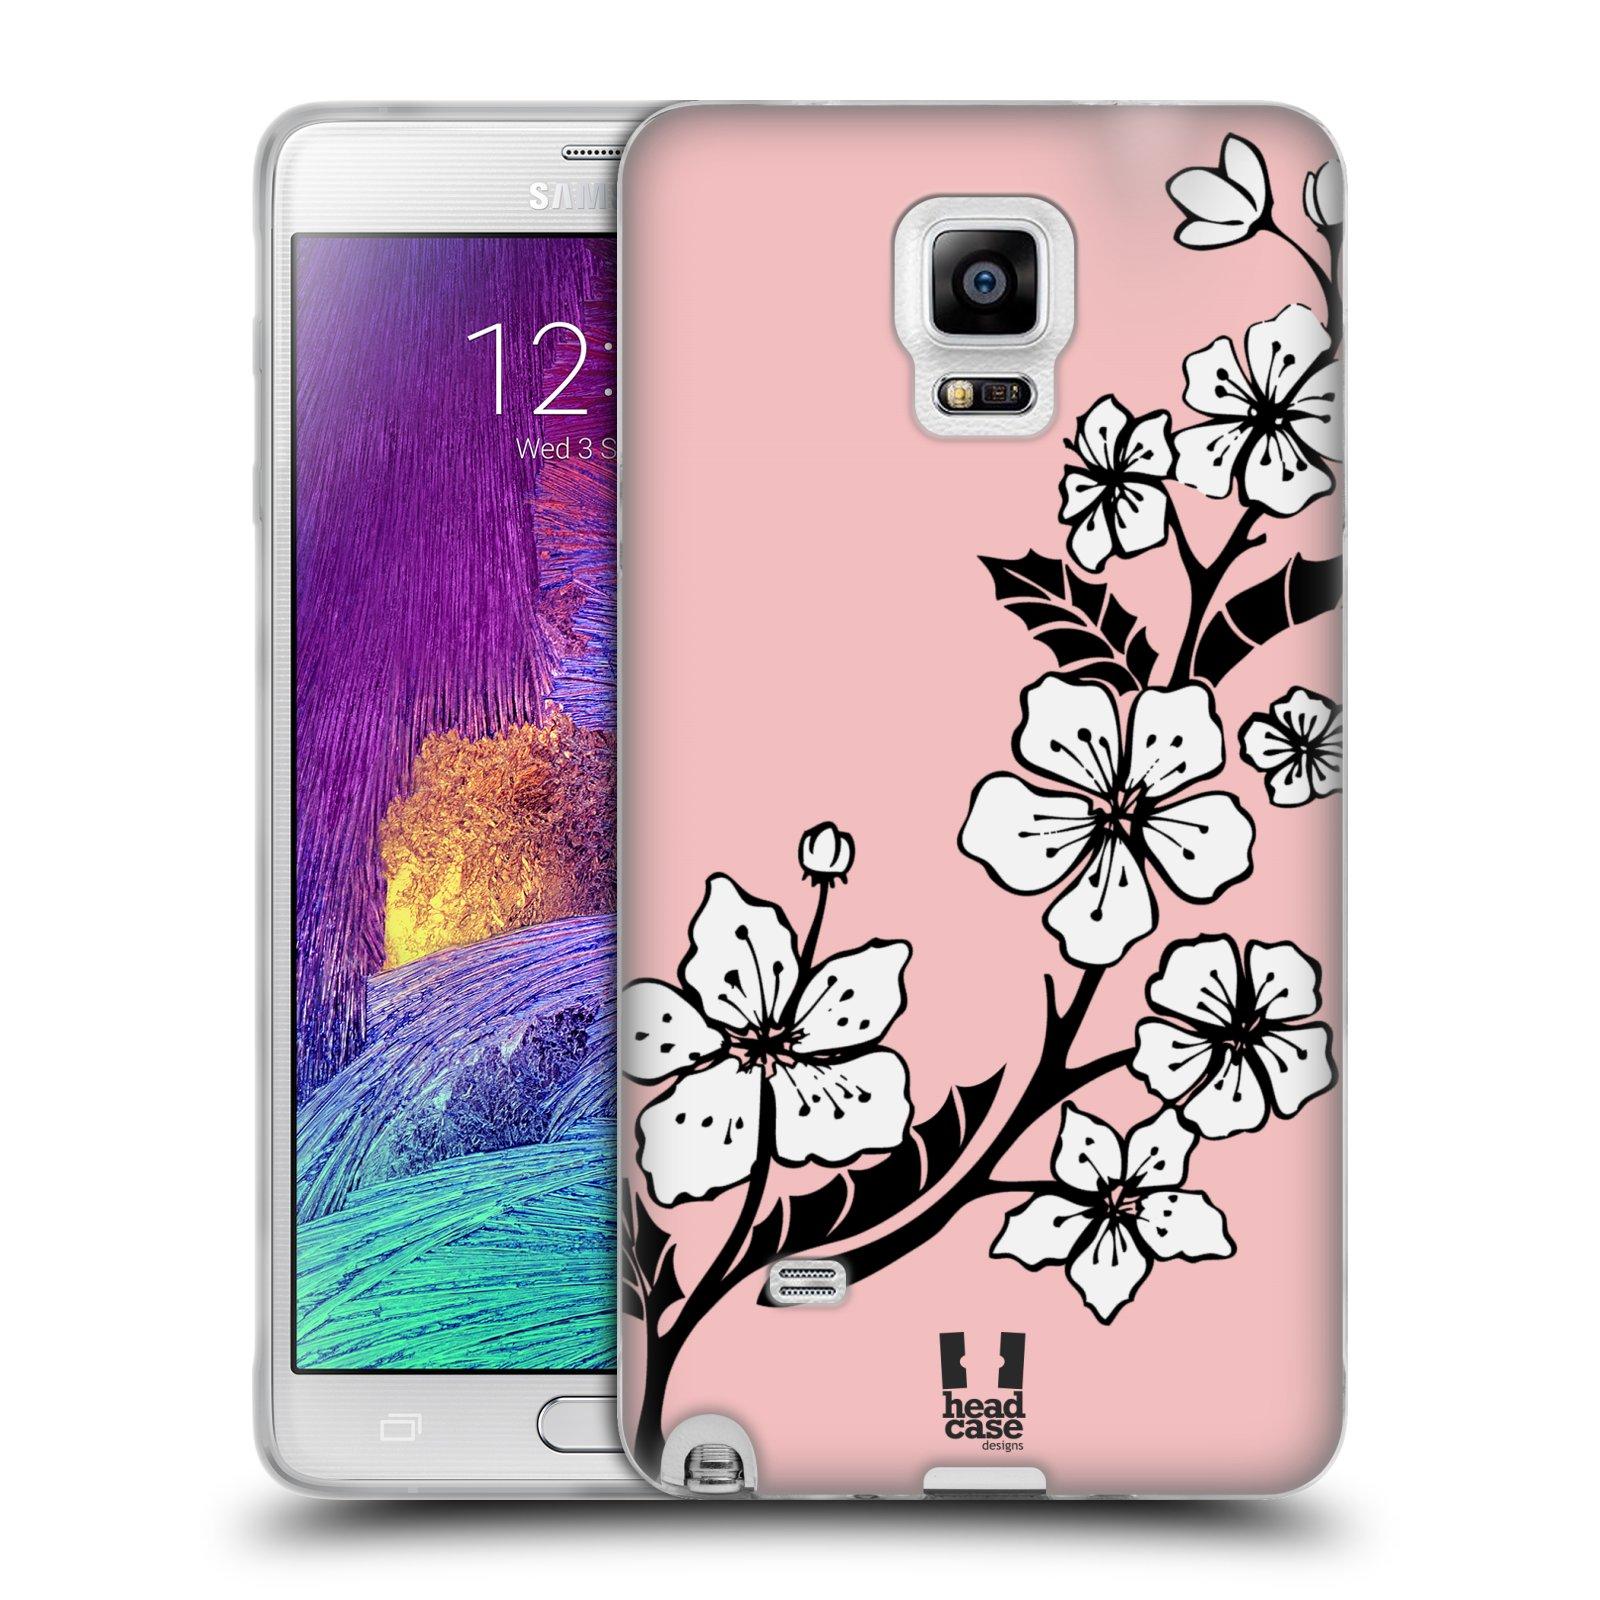 Silikonové pouzdro na mobil Samsung Galaxy Note 4 HEAD CASE BLOSSOMS VINE (Silikonový kryt či obal na mobilní telefon Samsung Galaxy Note 4 SM-N910F)